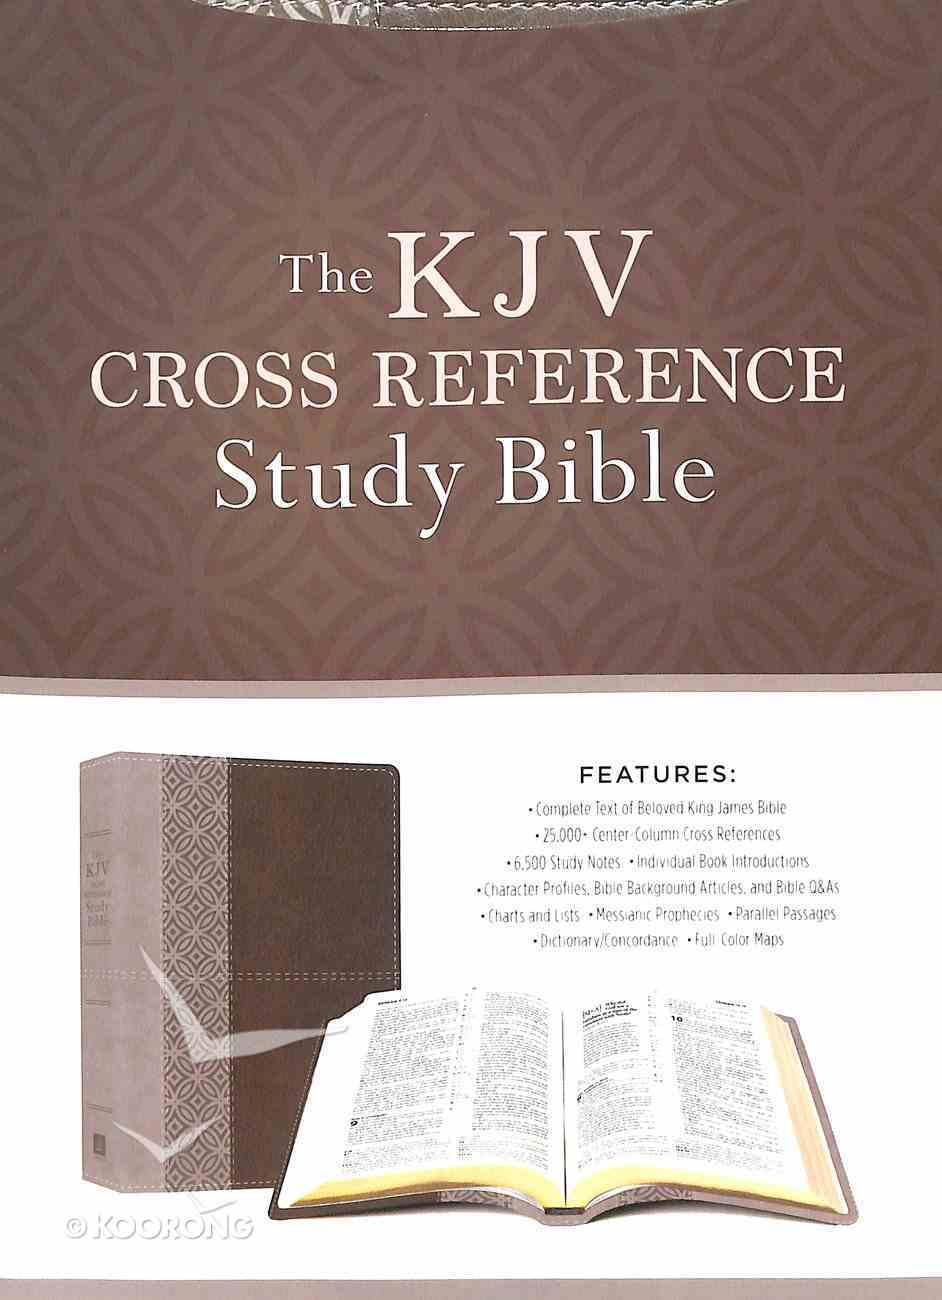 KJV Cross Reference Study Bible Stone Imitation Leather